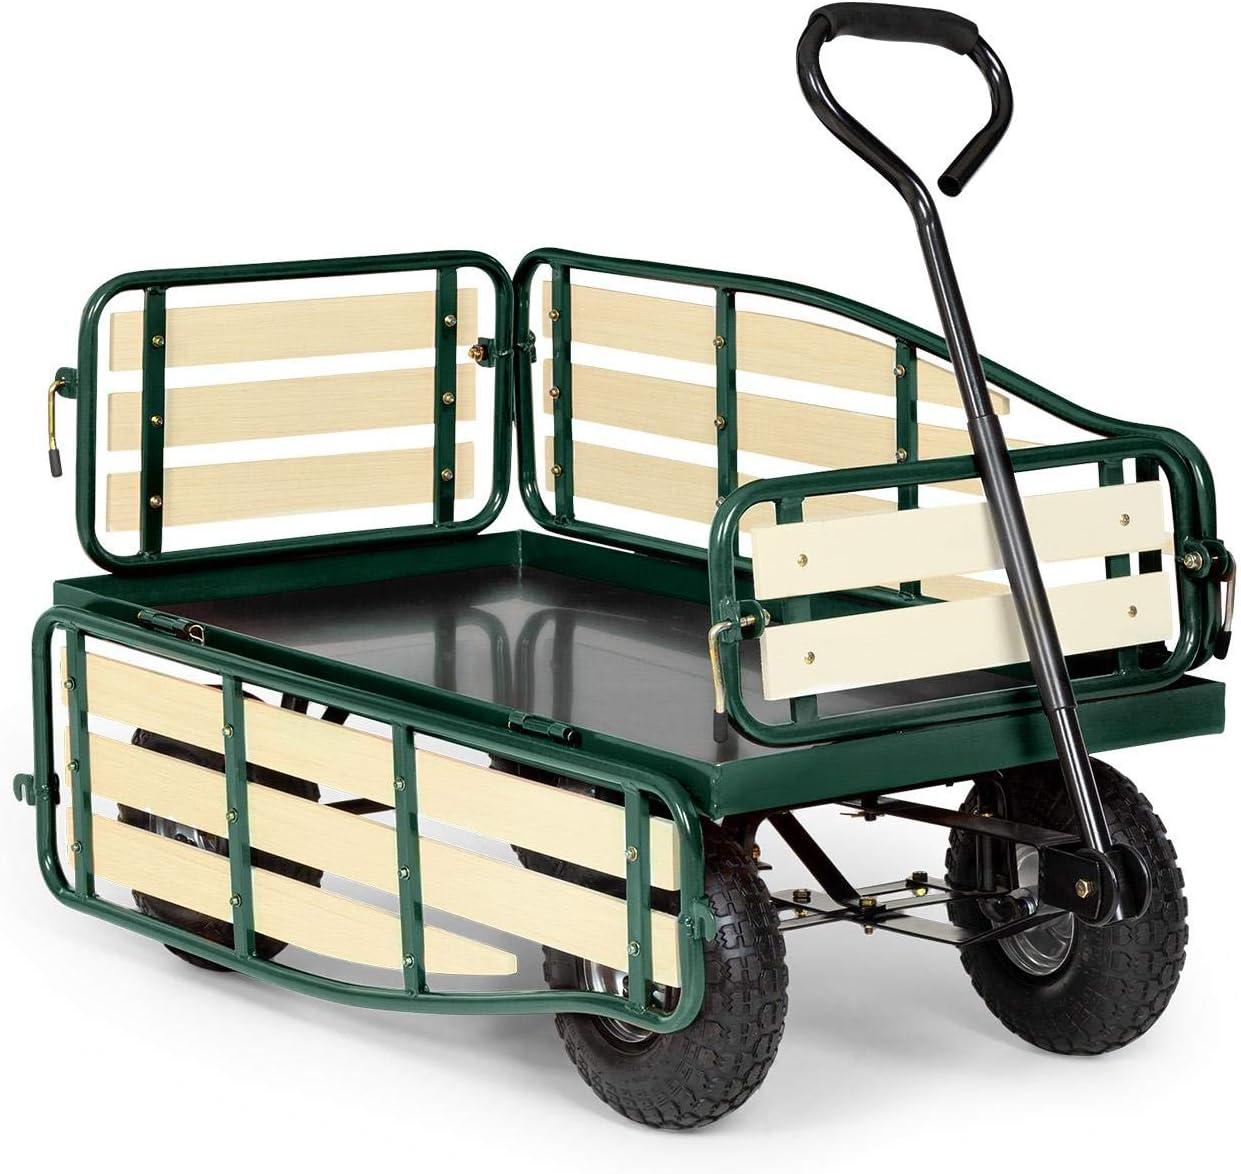 Jardin voiture armoire Chariot à tirer chariot chariot de transport jardin brouette CHARETTE